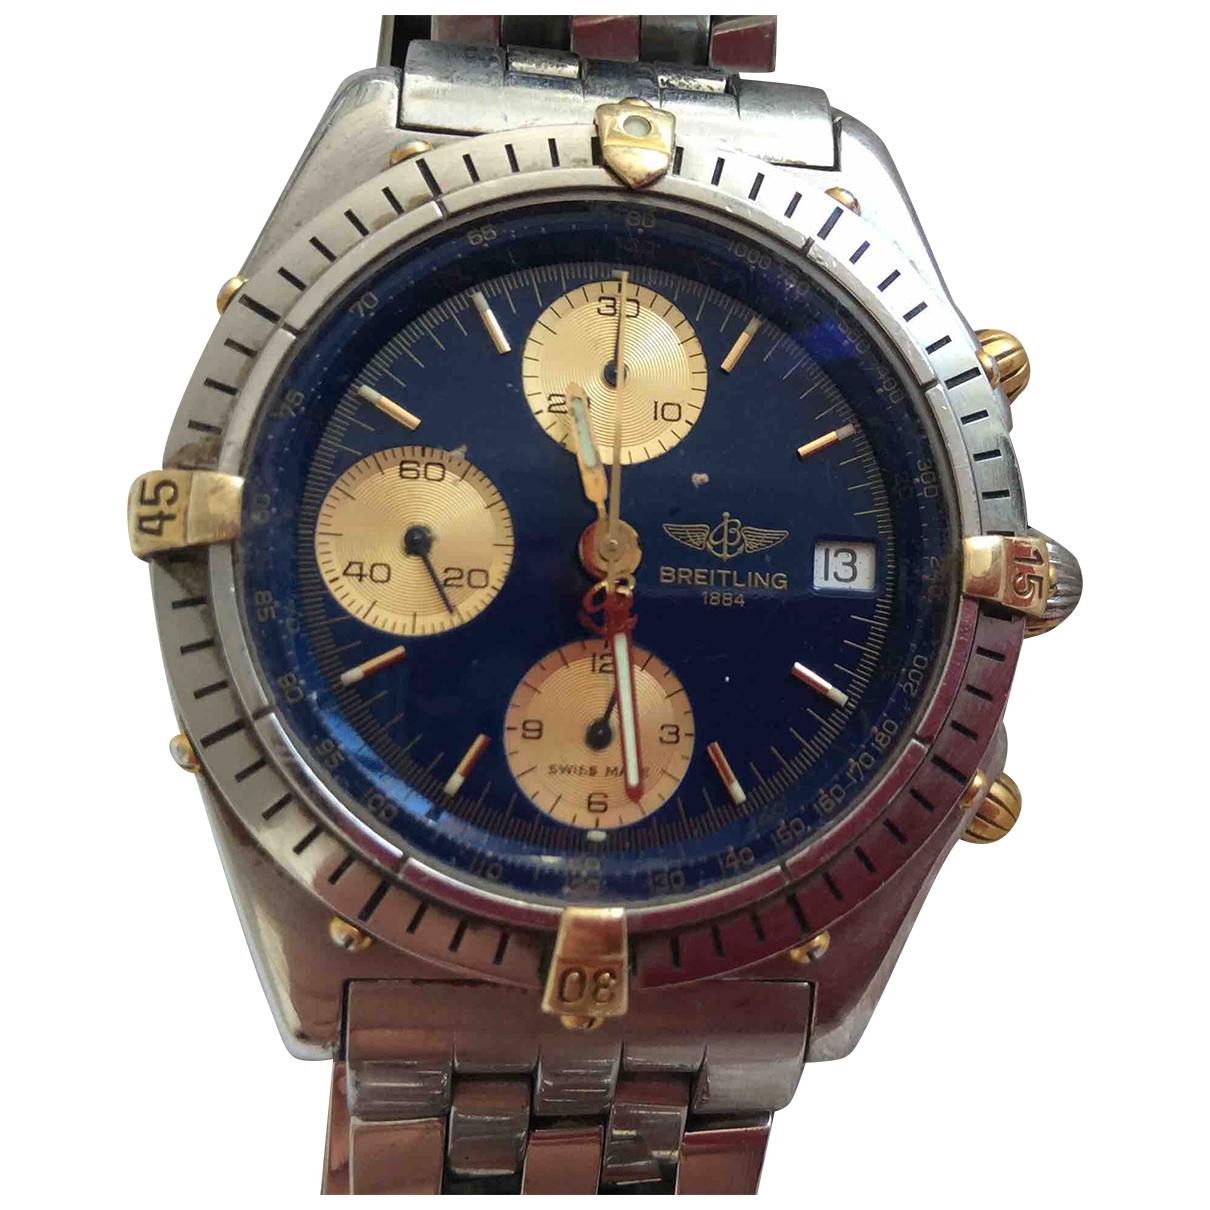 Breitling Chronomat Uhr in  Blau Gold und Stahl